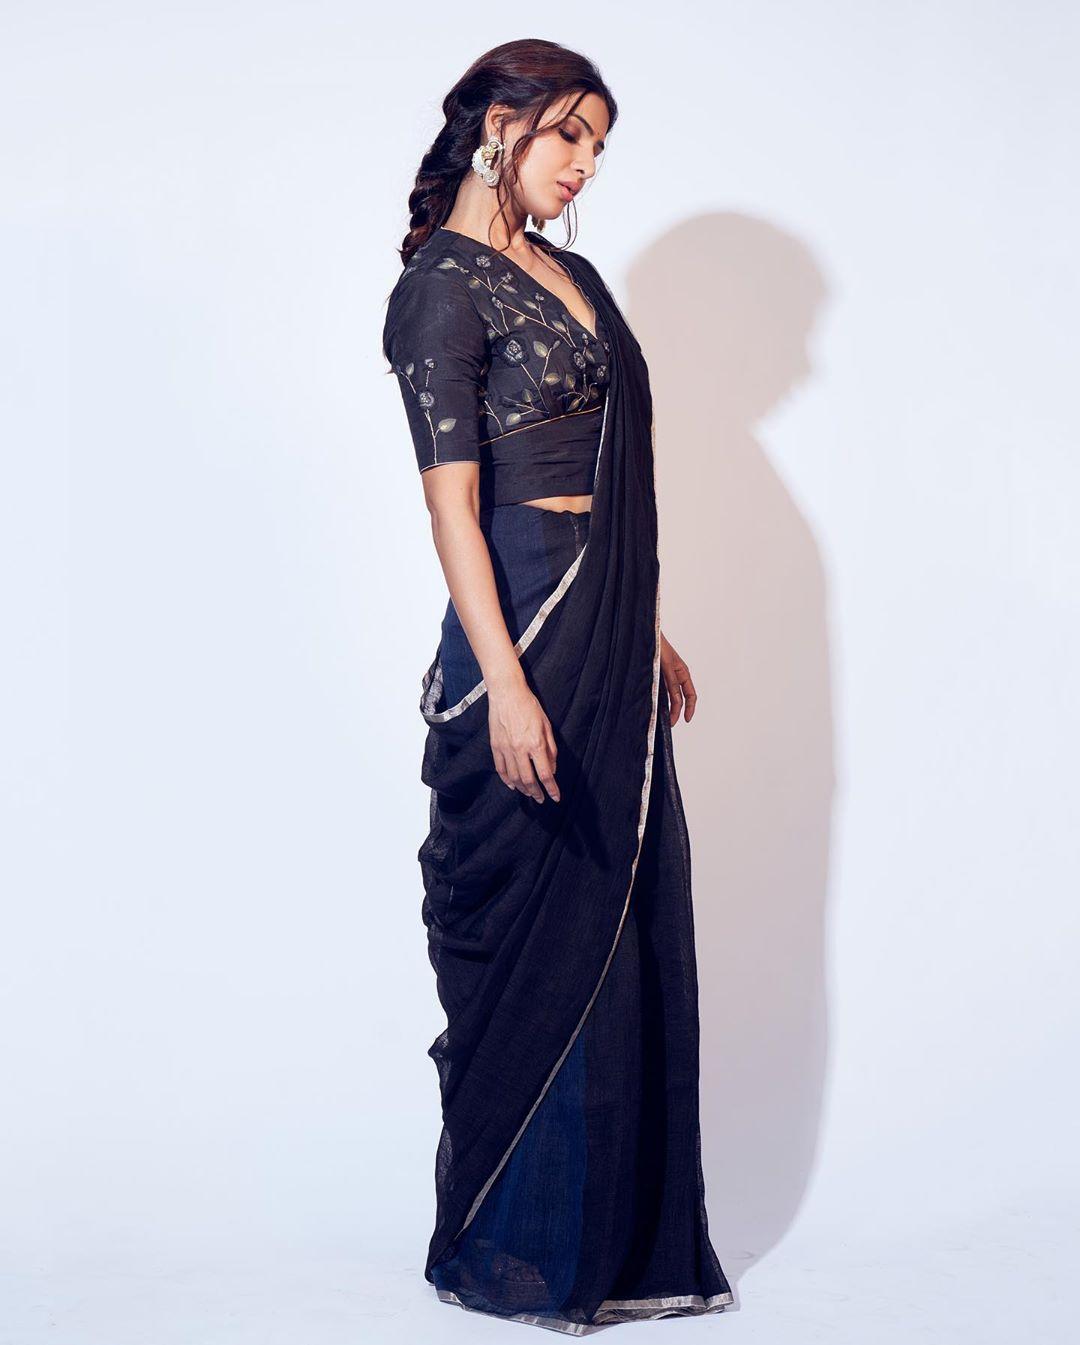 நடிகை சமந்தா. (Image: Instagram)